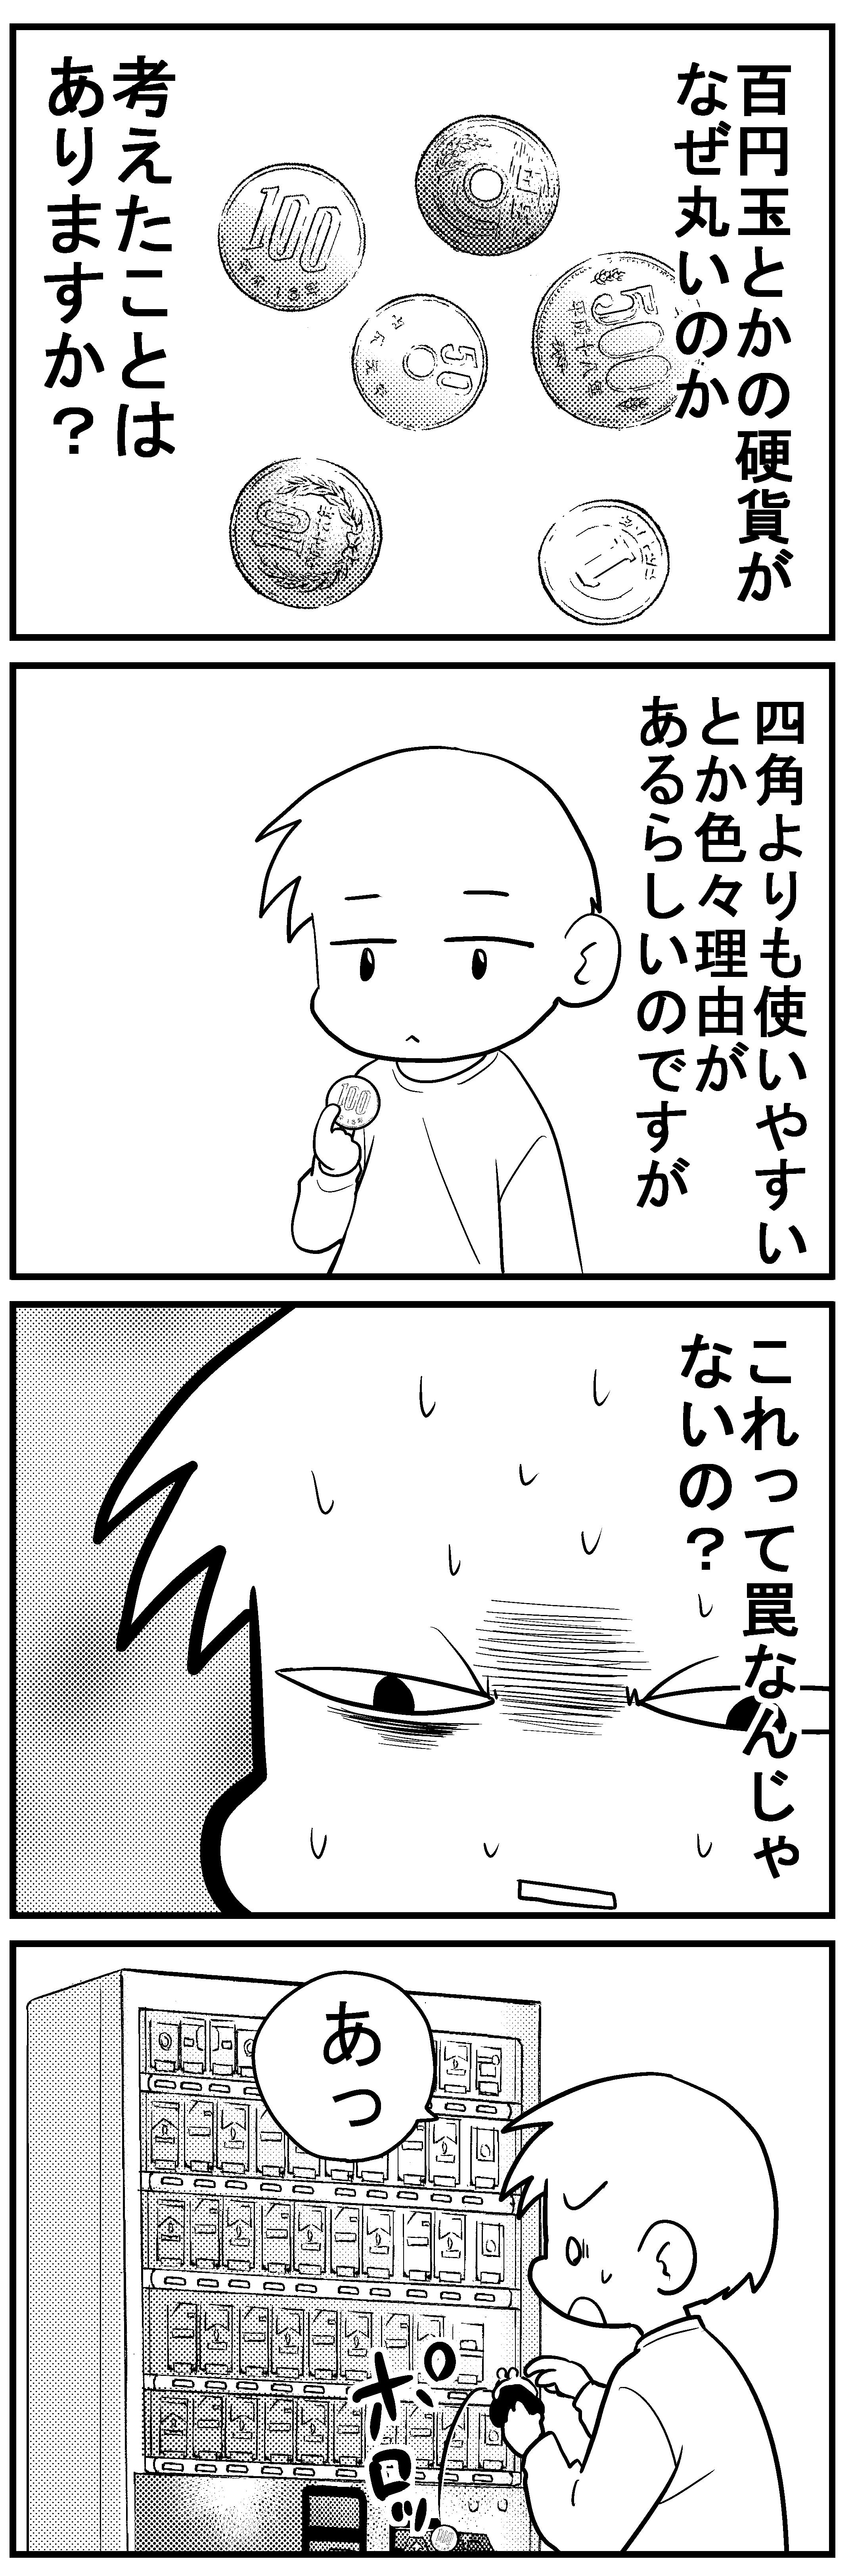 深読みくん36 1